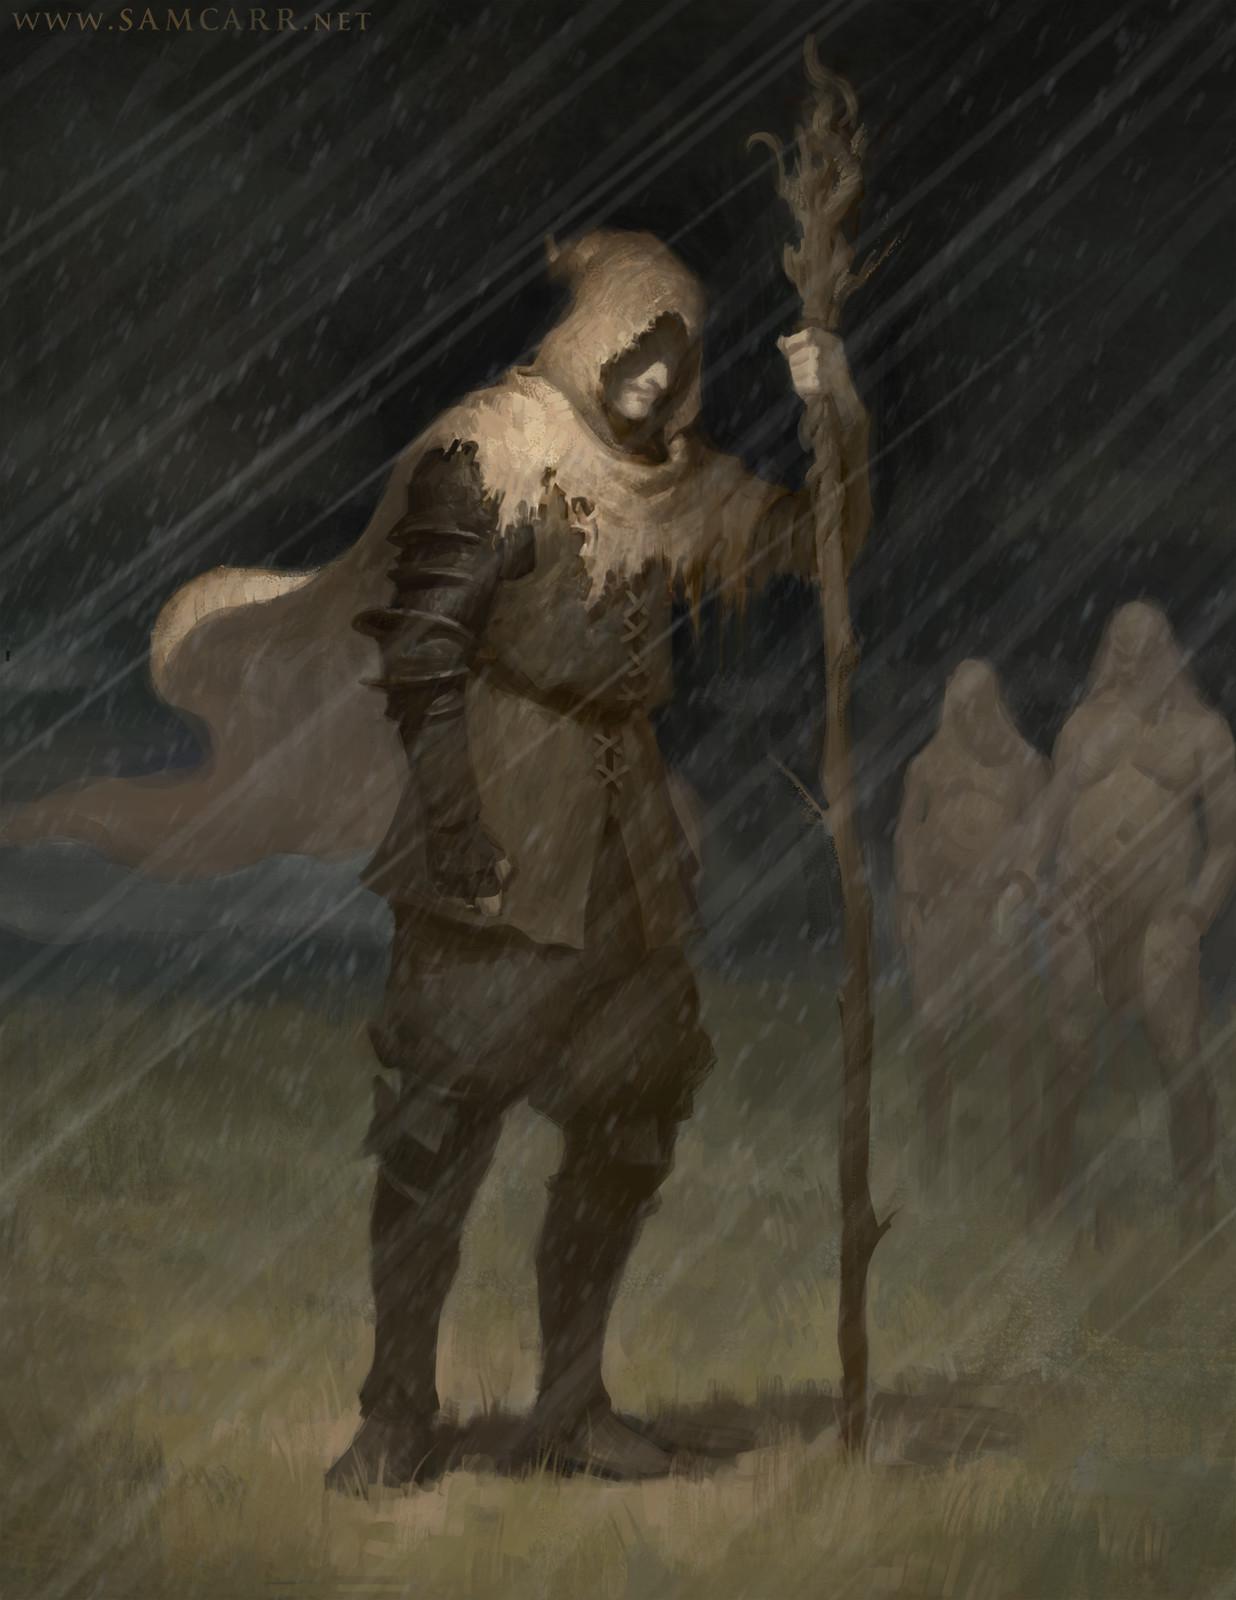 Fate of the Remnants: Storm Devourer